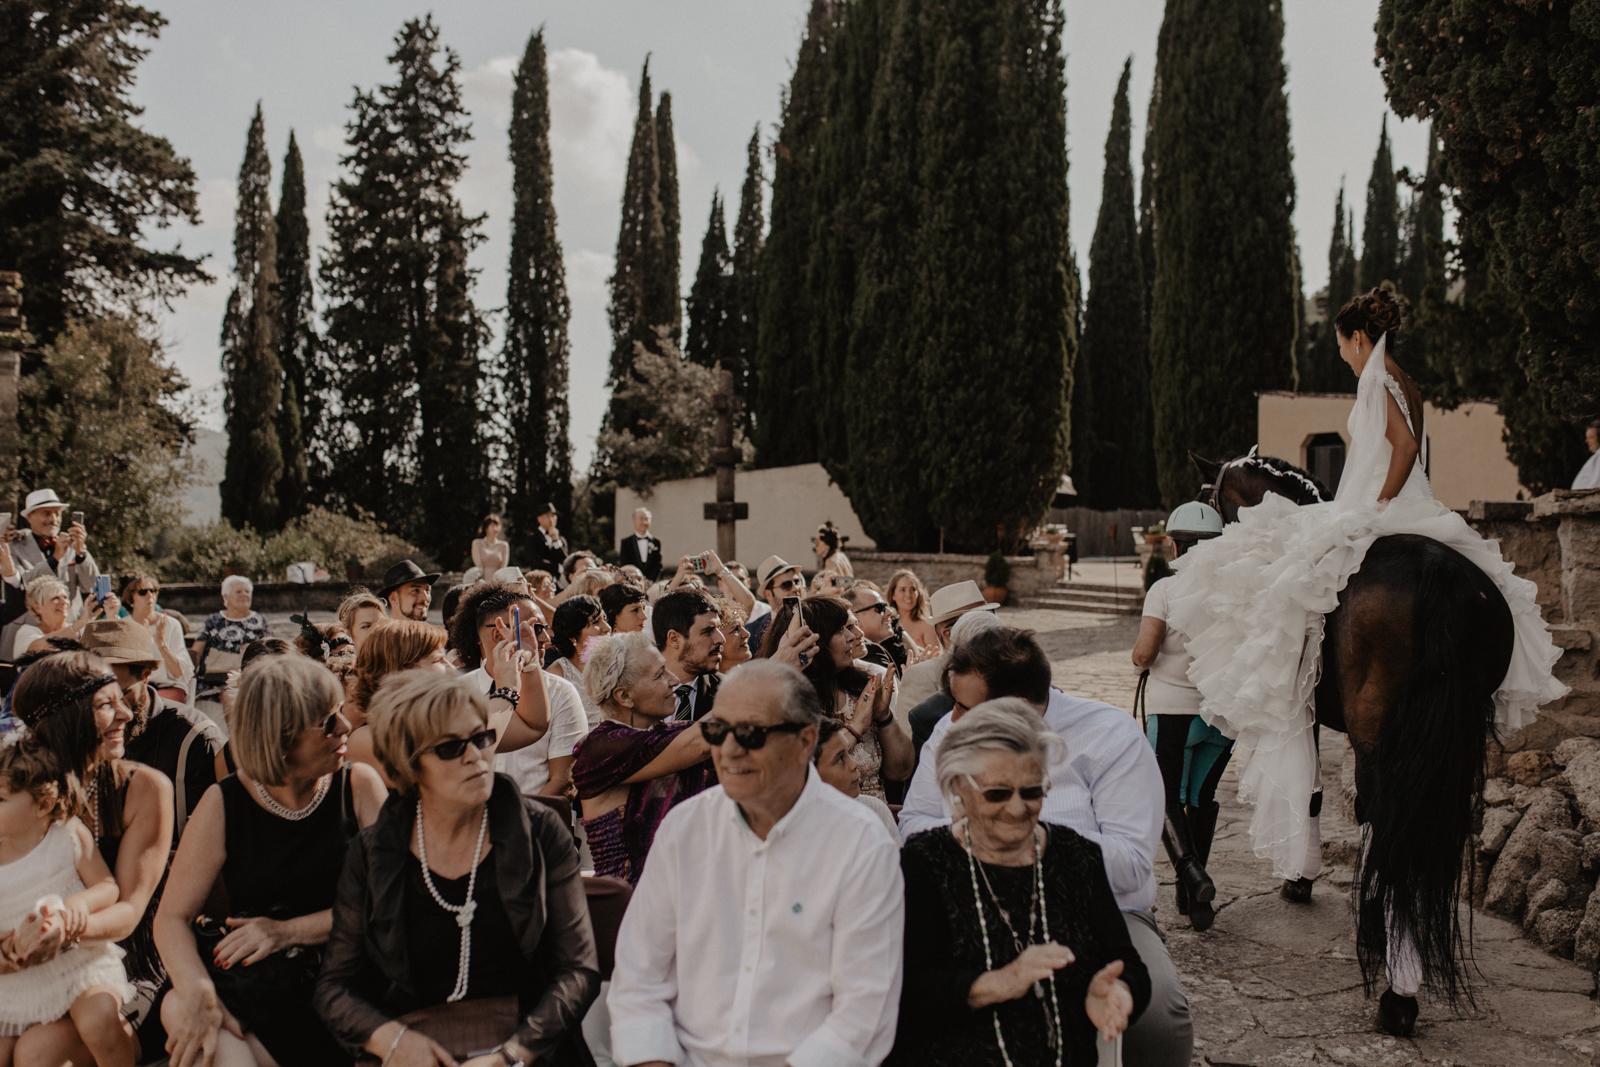 thenortherngirlphotography_photography_thenortherngirl_rebeccascabros_wedding_weddingphotography_weddingphotographer_barcelona_bodaenlabaronia_labaronia_japanesewedding_destinationwedding_shokoalbert-372.jpg